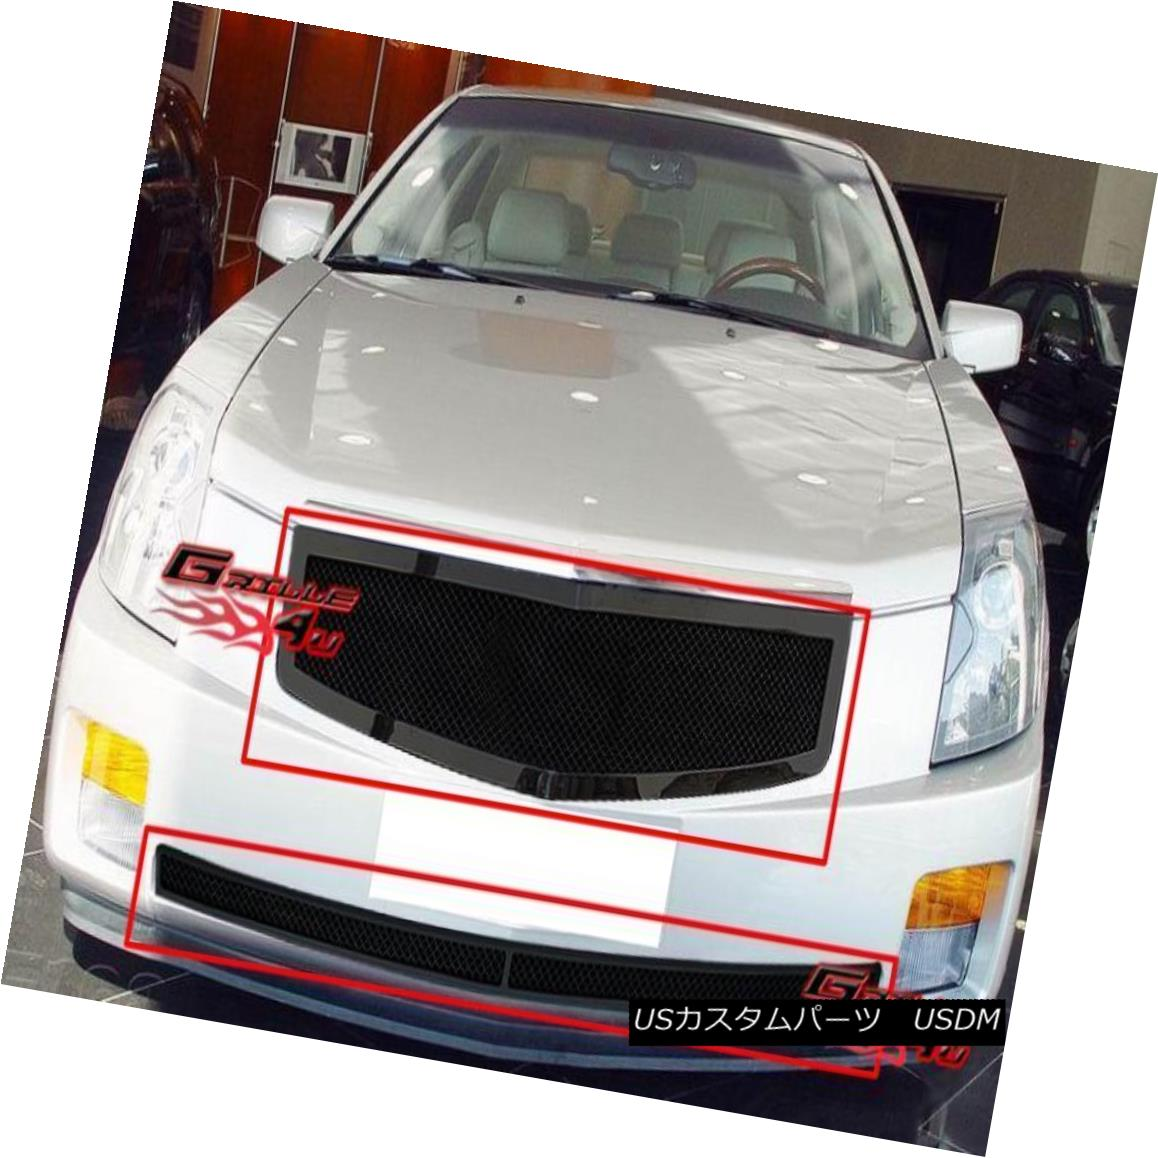 グリル Fits 2003-2007 Cadillac CTS Black Mesh Grille Combo フィット2003-2007キャデラックCTSブラックメッシュグリルコンボ